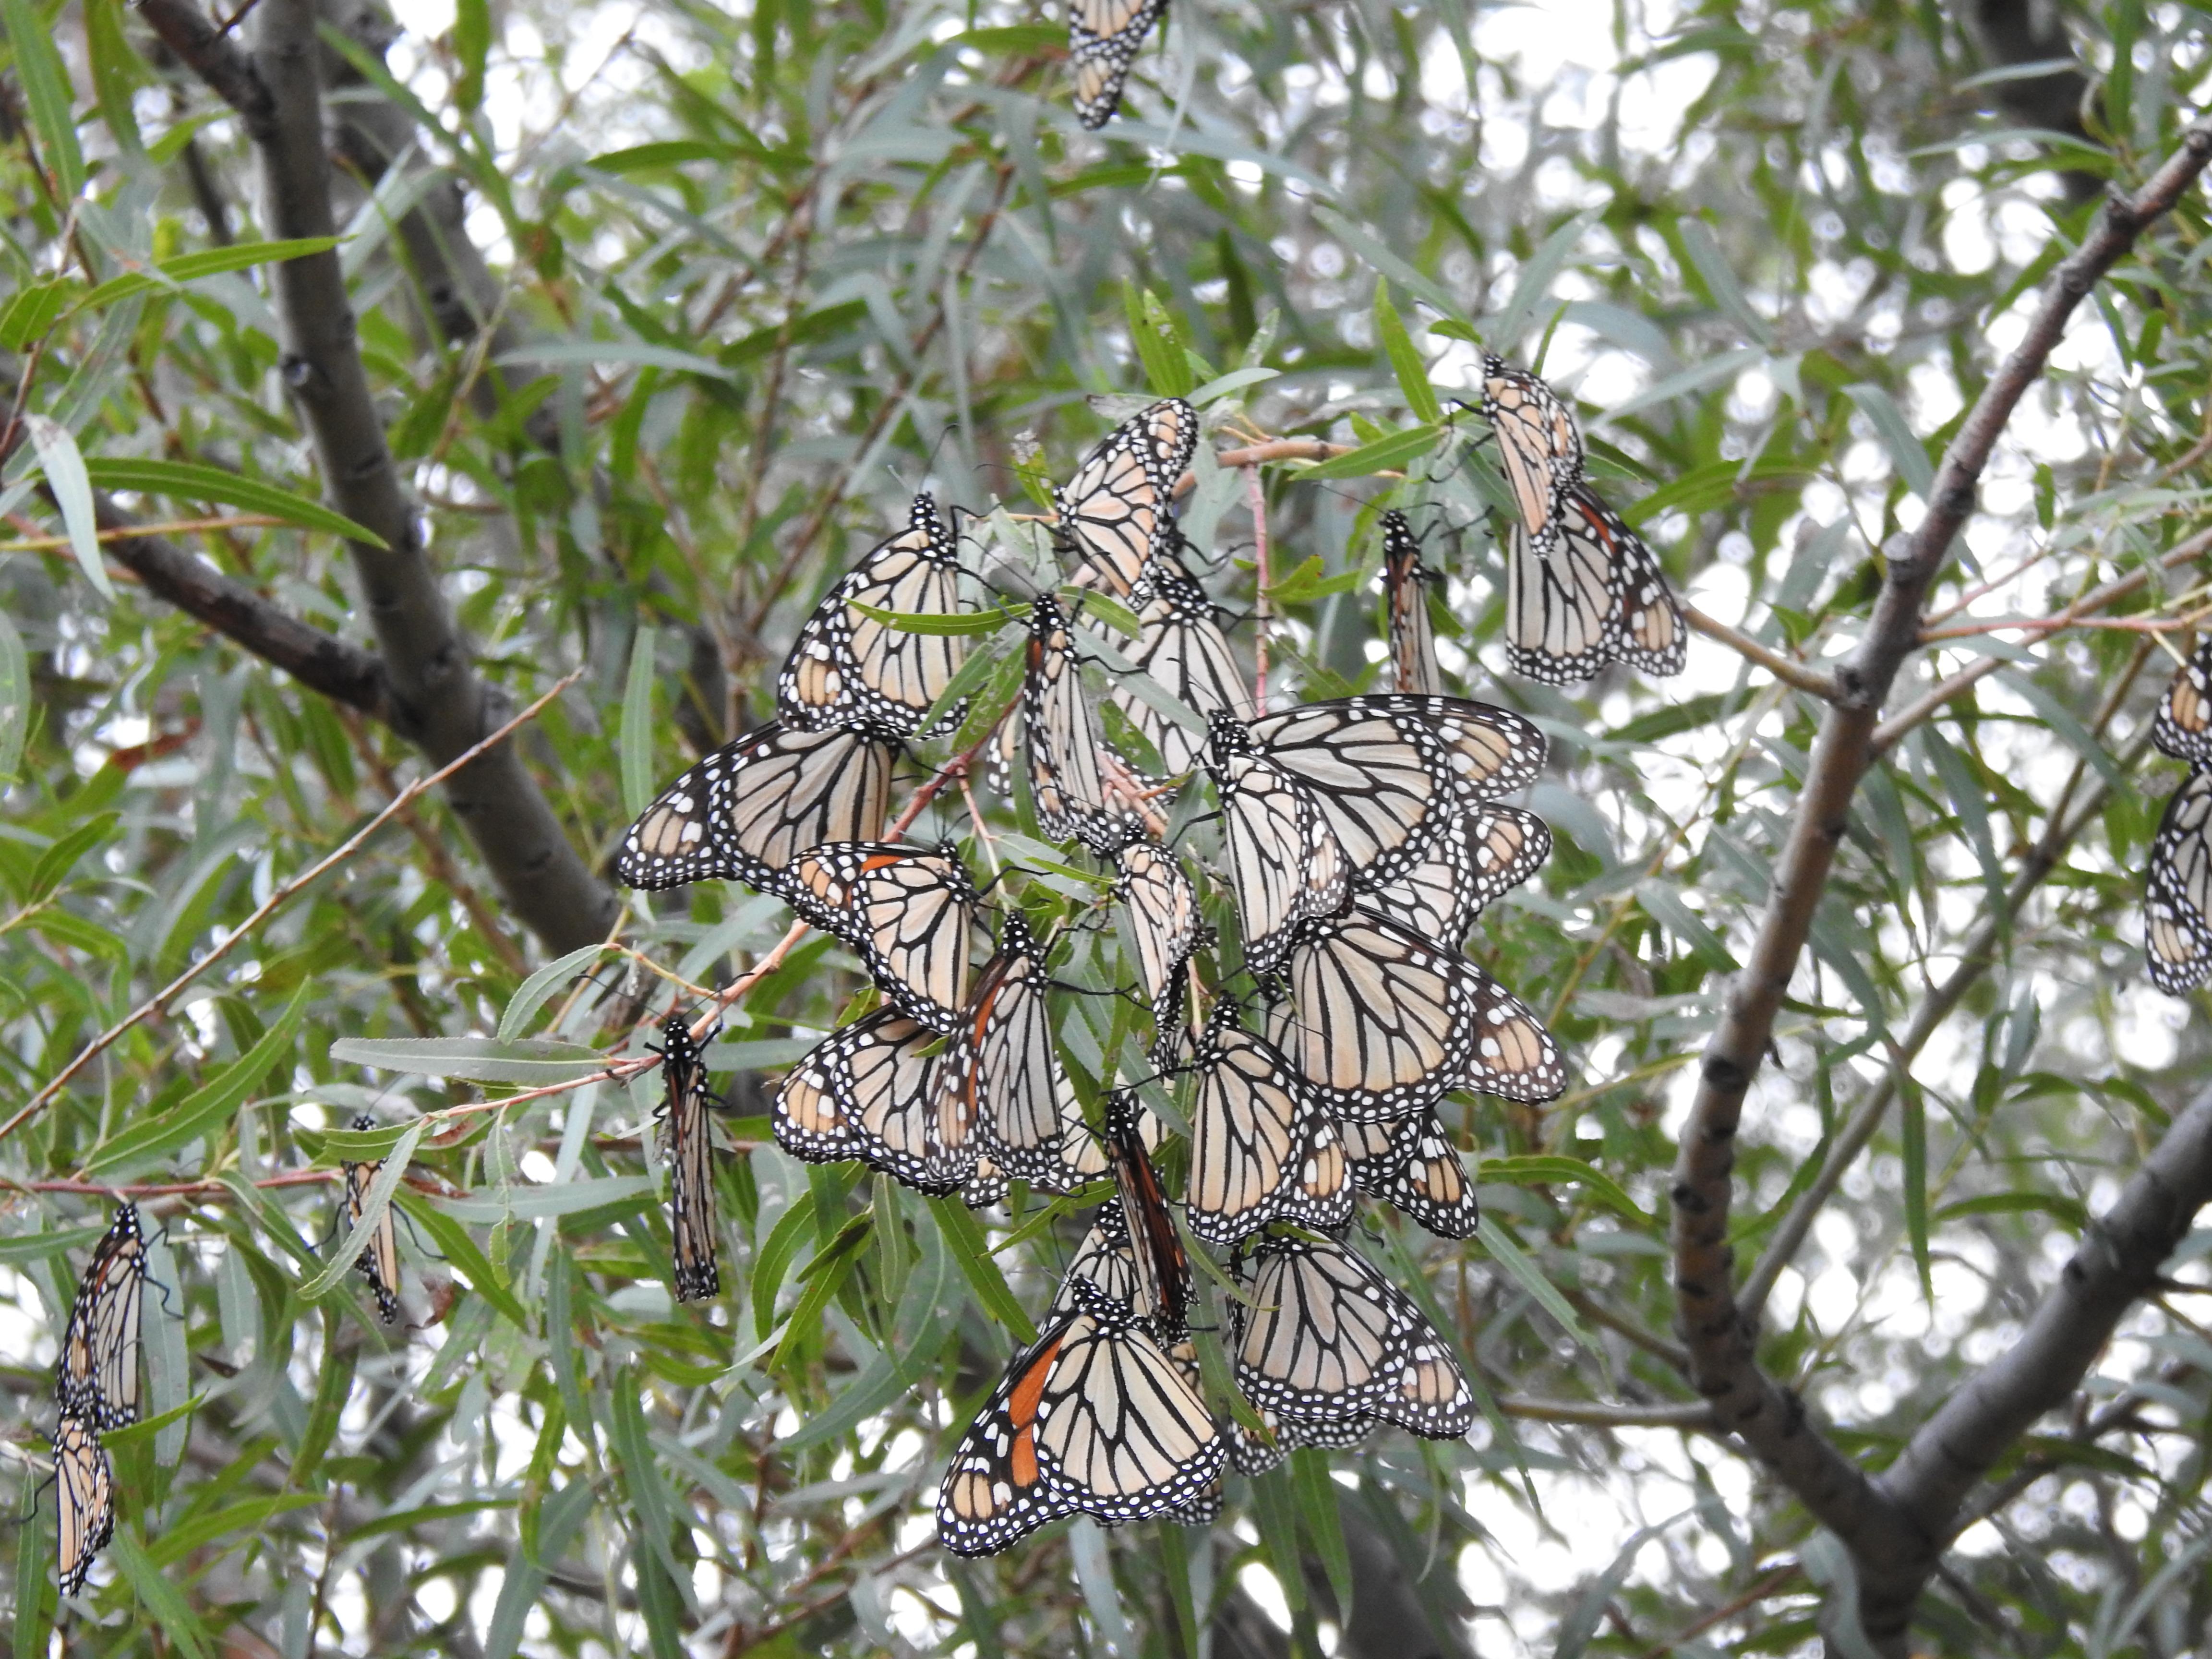 Percha de mariposa monarca